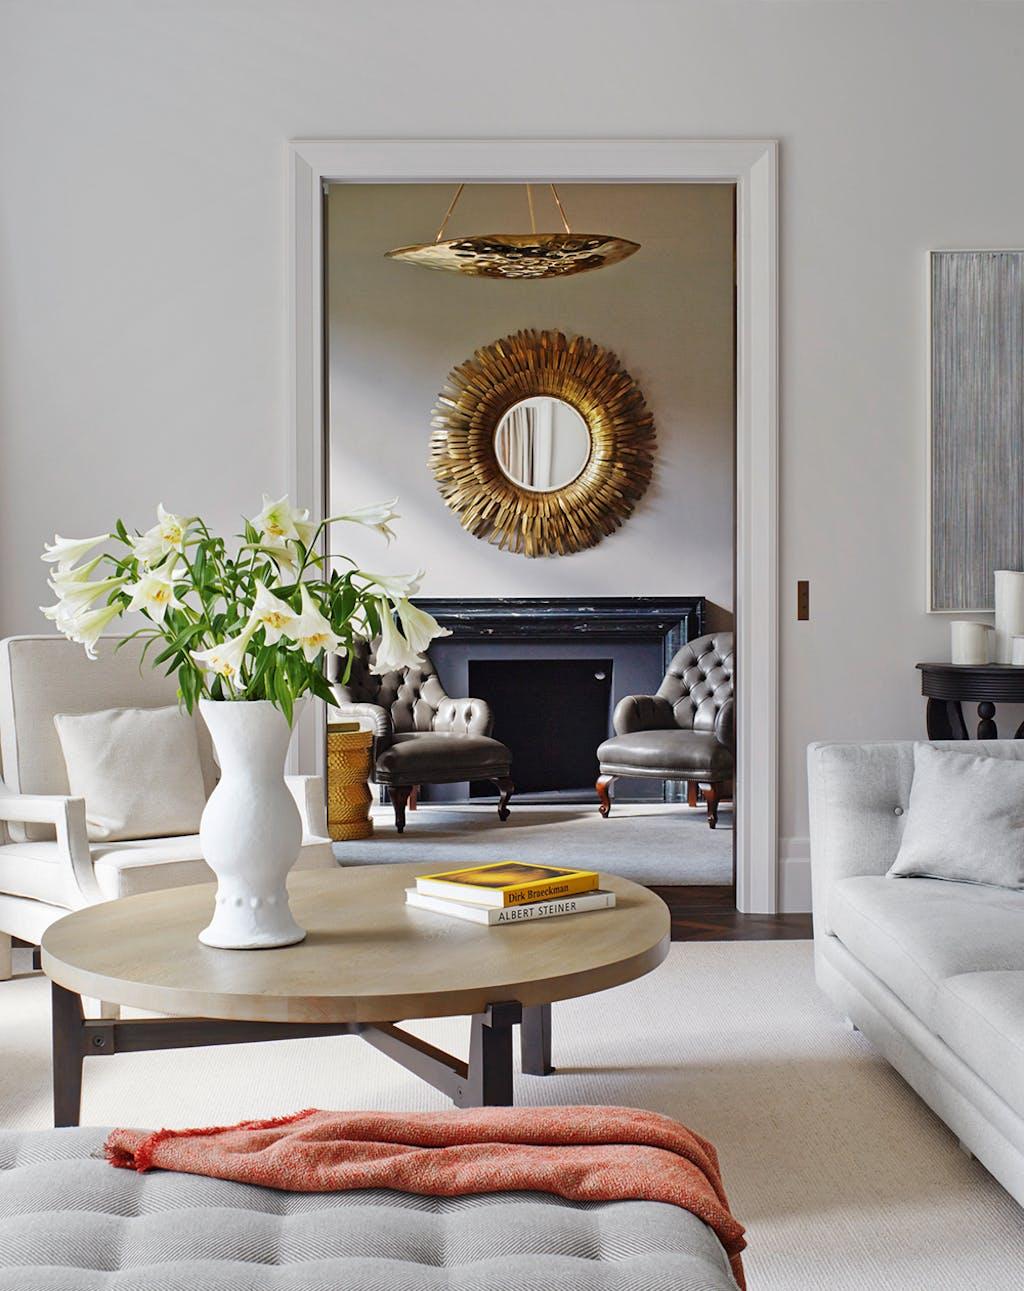 luxus pur wohnen an den besten adressen deutschlands. Black Bedroom Furniture Sets. Home Design Ideas